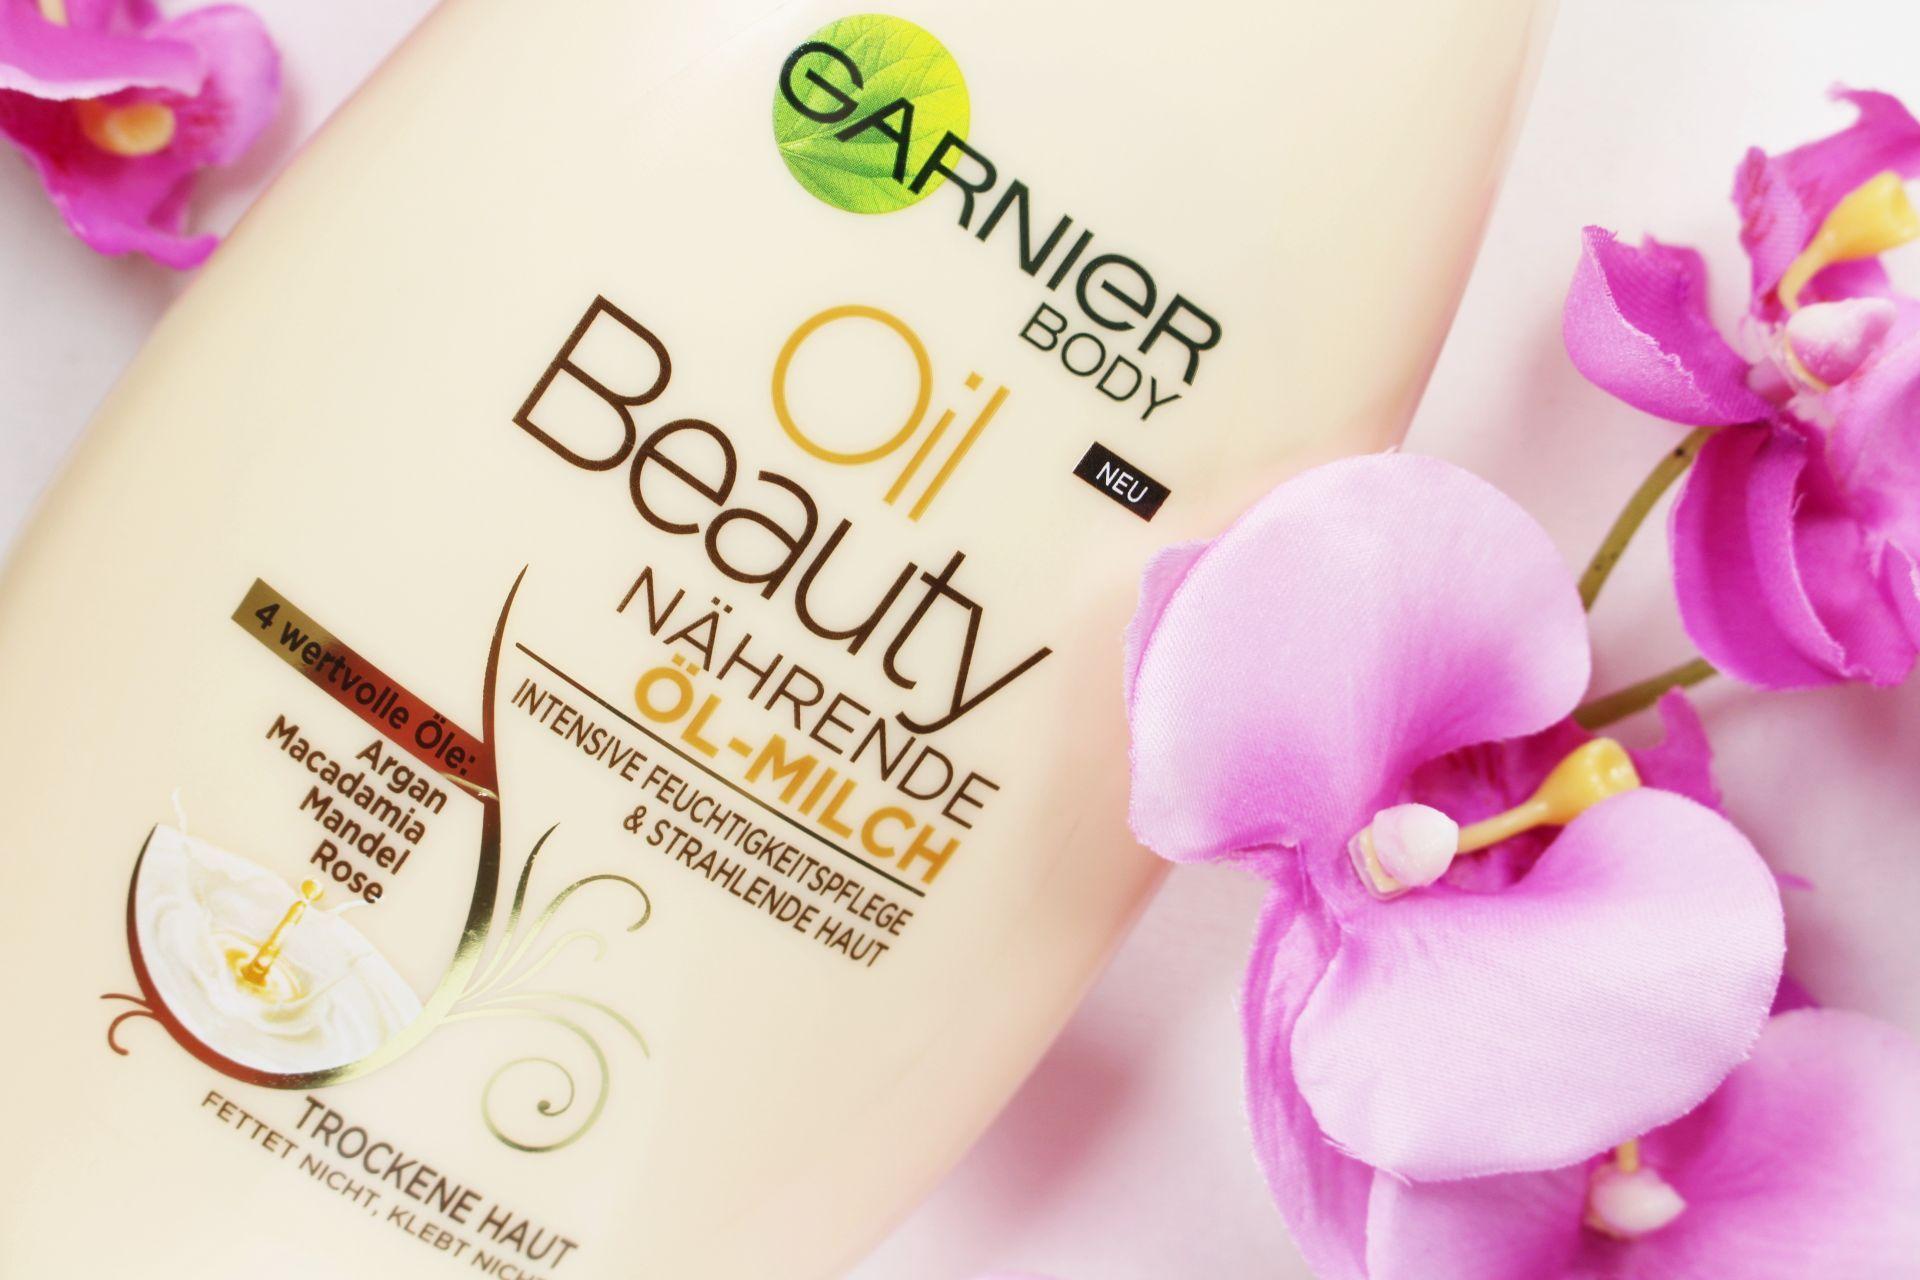 Garnier Body Oil Beauty Nährende Öl Milch, Bodylotion trockene Haut, Bodylotion Test, Winterpflege Haut, Super Twins Annalena und Magdalena